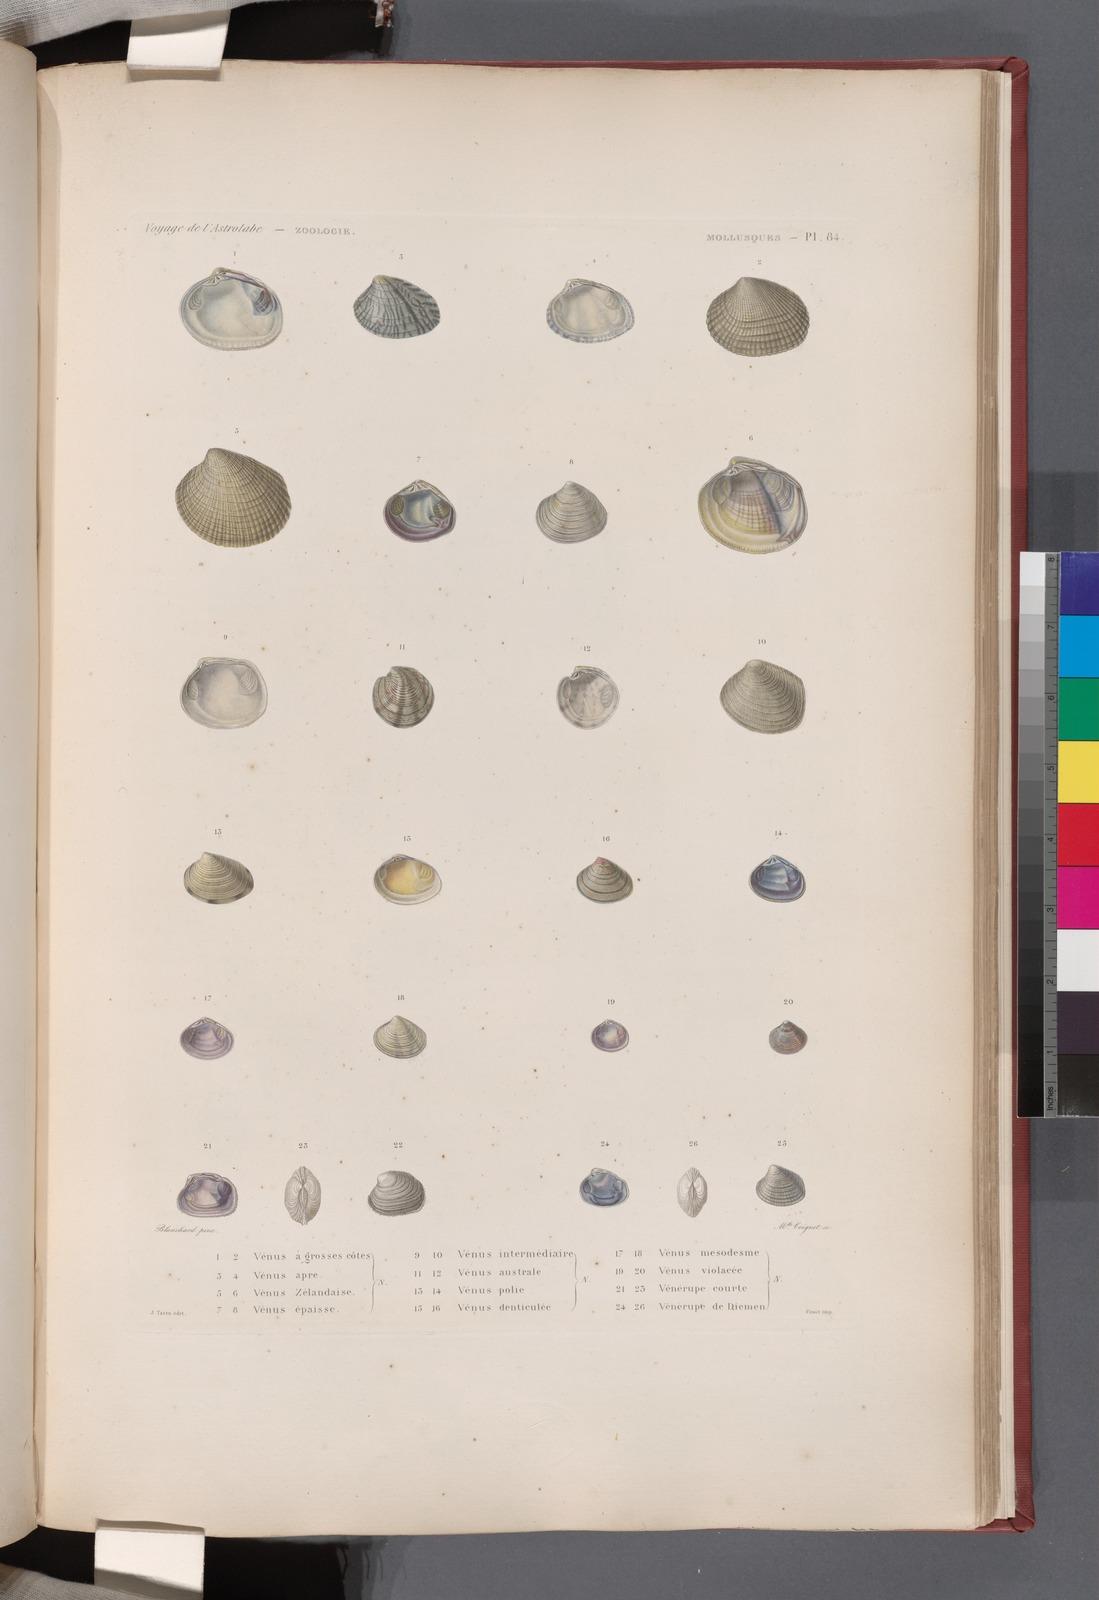 Mollusques: 1. 2. Vénus à grosses côtes. N.; 3. 4. Vénus apre. N. ; 5. 6. Vénus Zélandaise. N.; 7. 8. Vénus épaisse. N.; 9. 10. Vénus intermédiaire. N.; 11. 12. Vénus australe. N.; 13. 14. Vénus polie. N.; 15. 16. Vénus denticulée. N.; 17. 18. Vénus mesodesme. N.; 19. 20. Vénus violacée. N.; 21.- 23. Vénérupe courte. N.; 24.- 26. Vénérupe de Diemen. N..